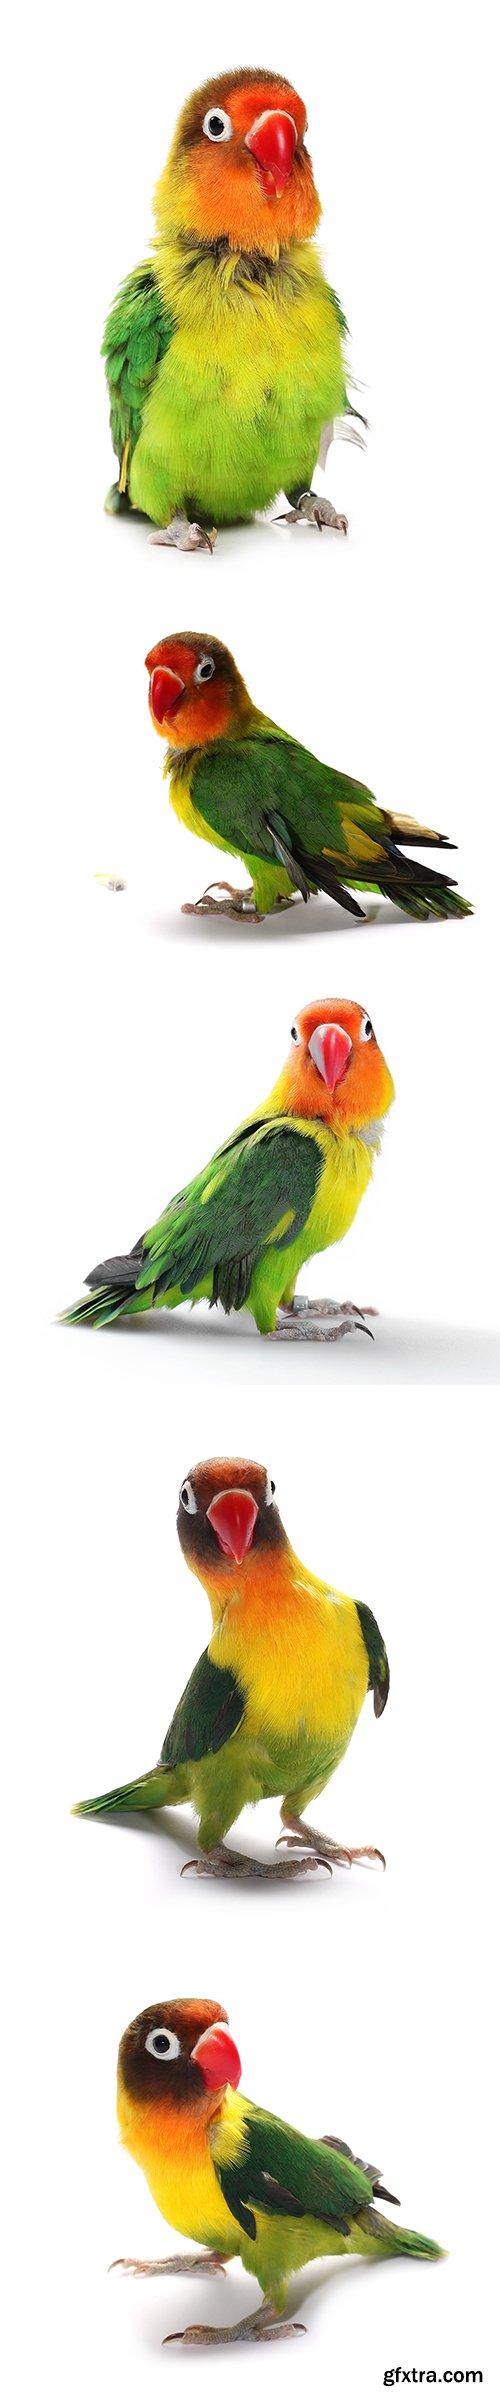 Lovebird Isolated - 15xJPGs